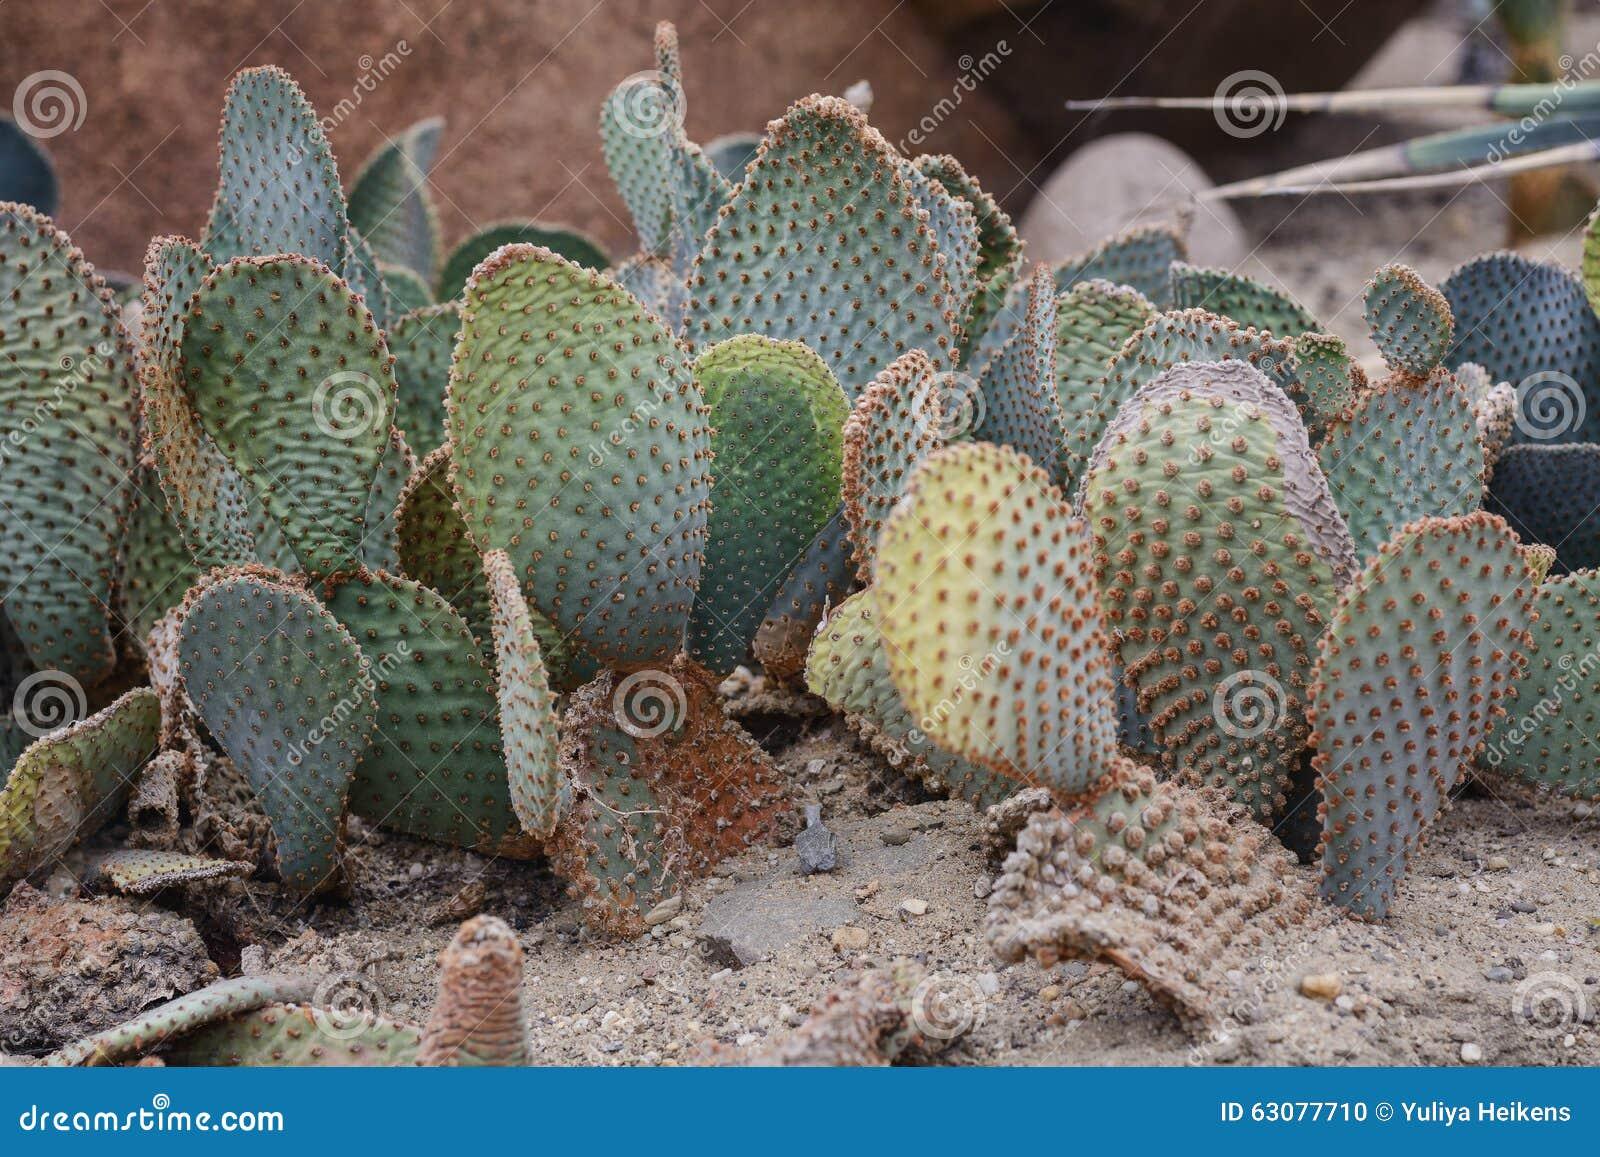 Download Jardin de cactus en parc photo stock. Image du variété - 63077710